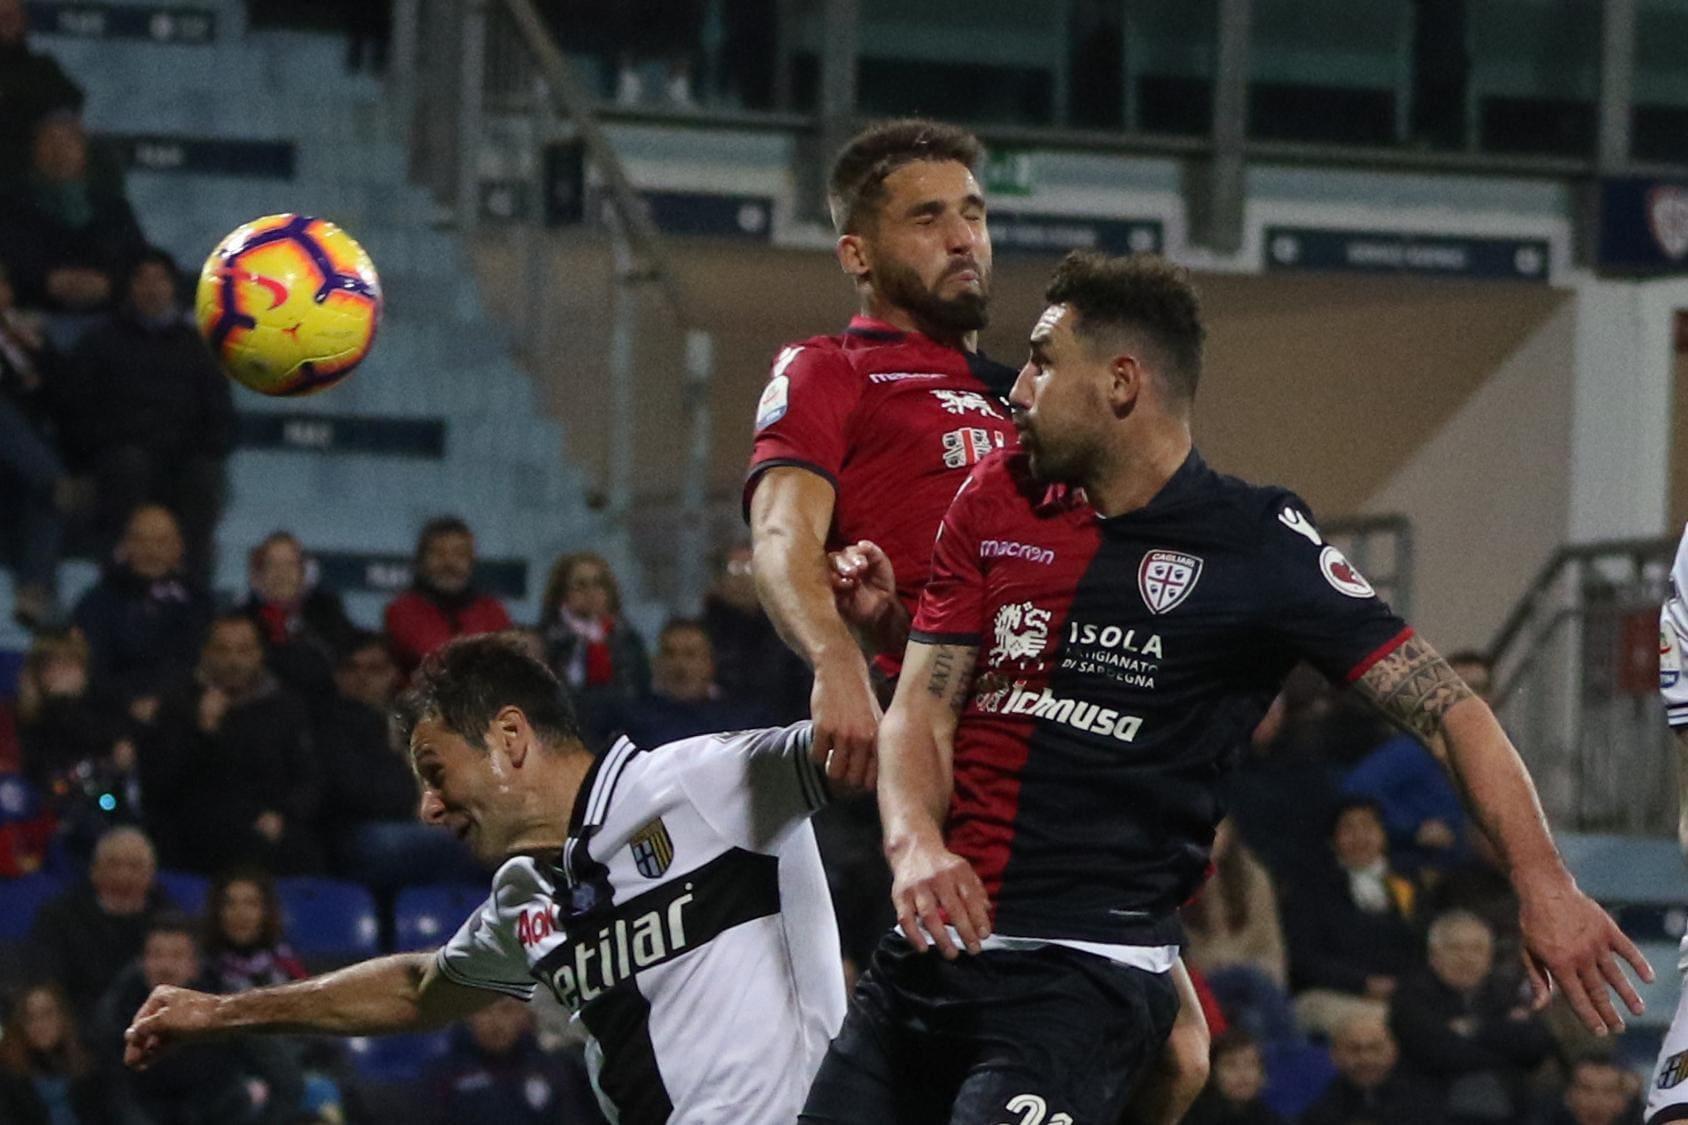 Calcio: Cagliari-Parma 2-1